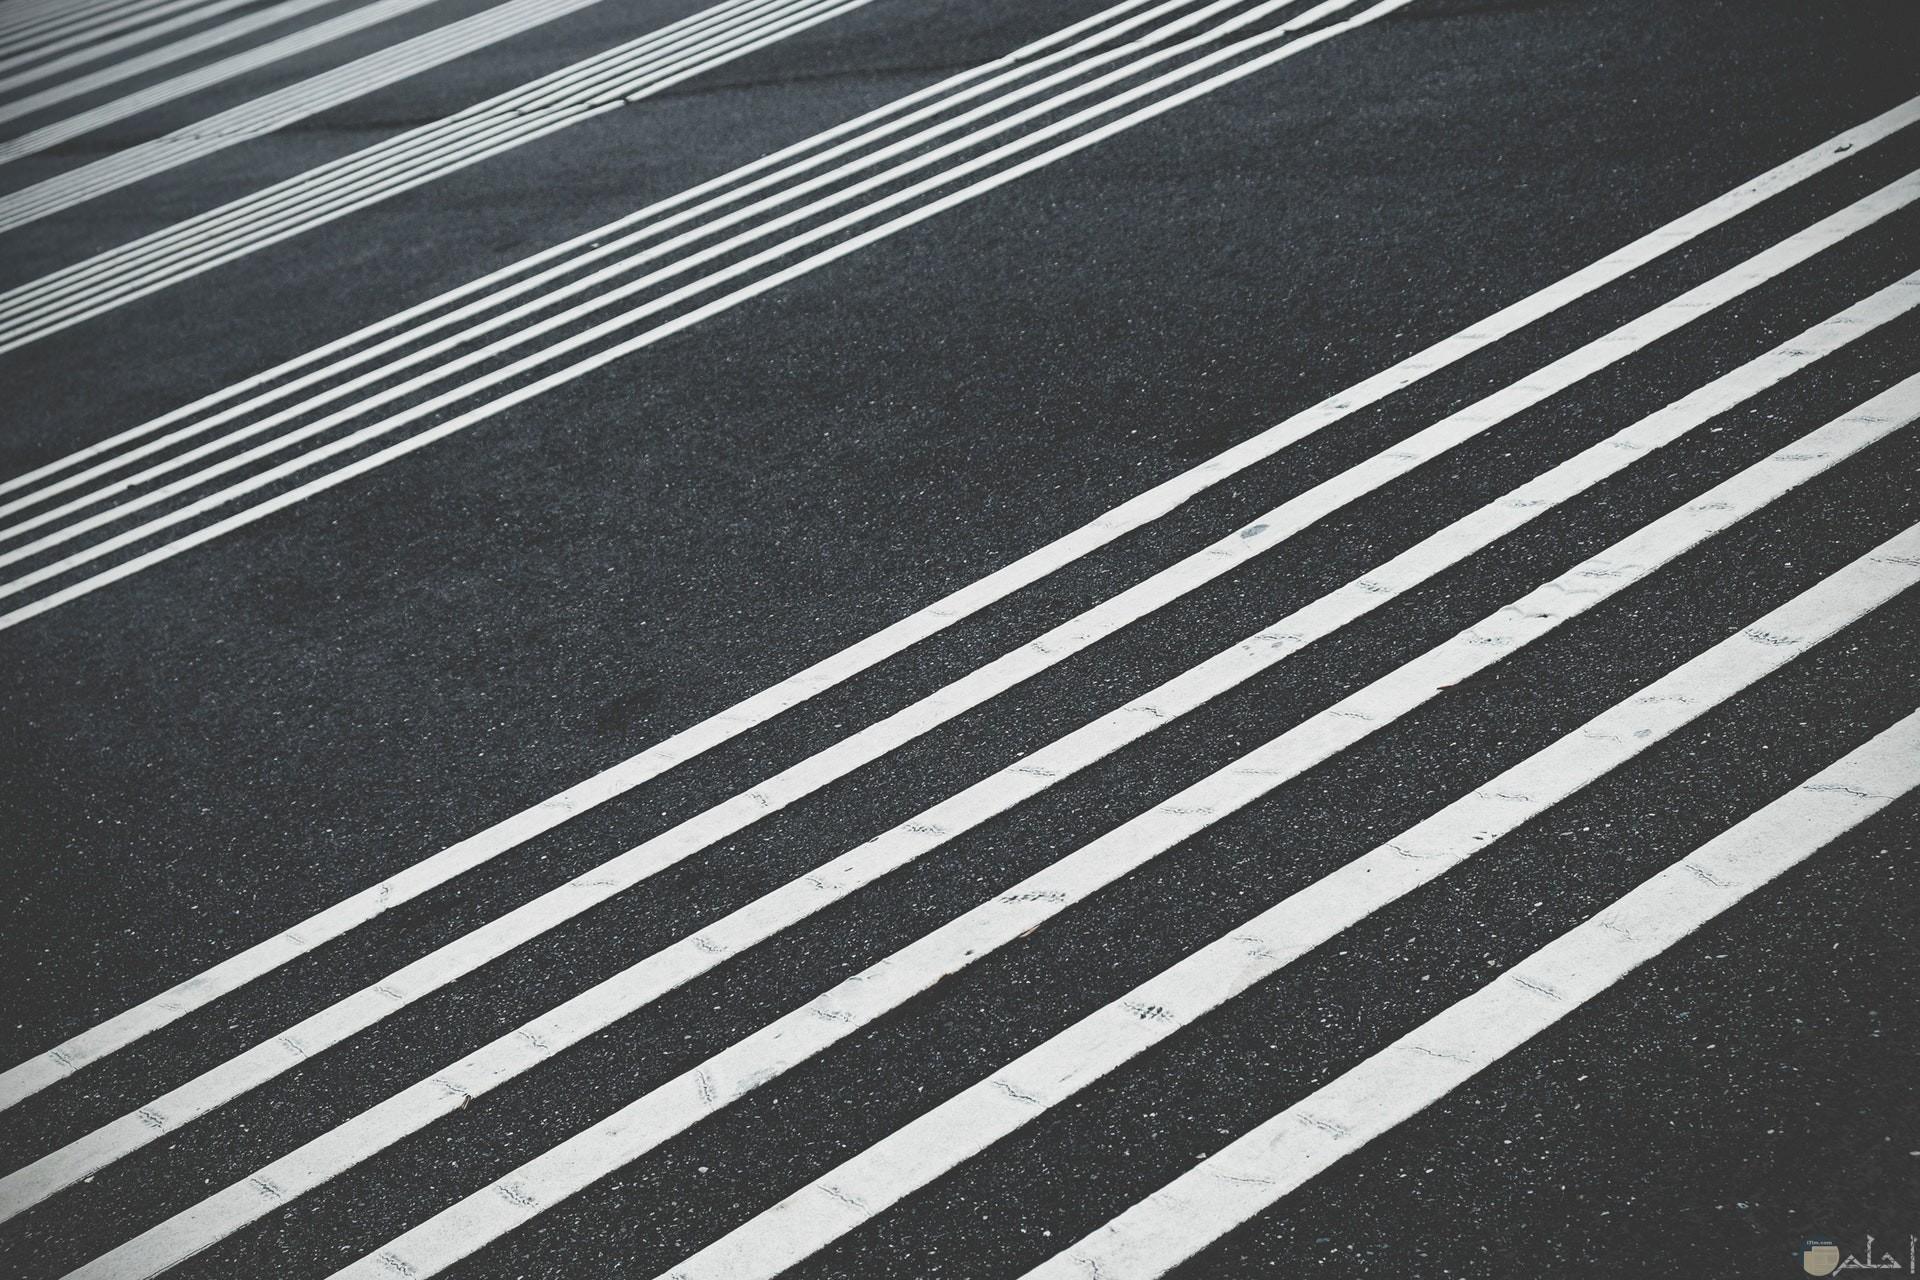 صورة غريبة وجميلة لمجموعة من الخطوط البيضاء علي الطريق